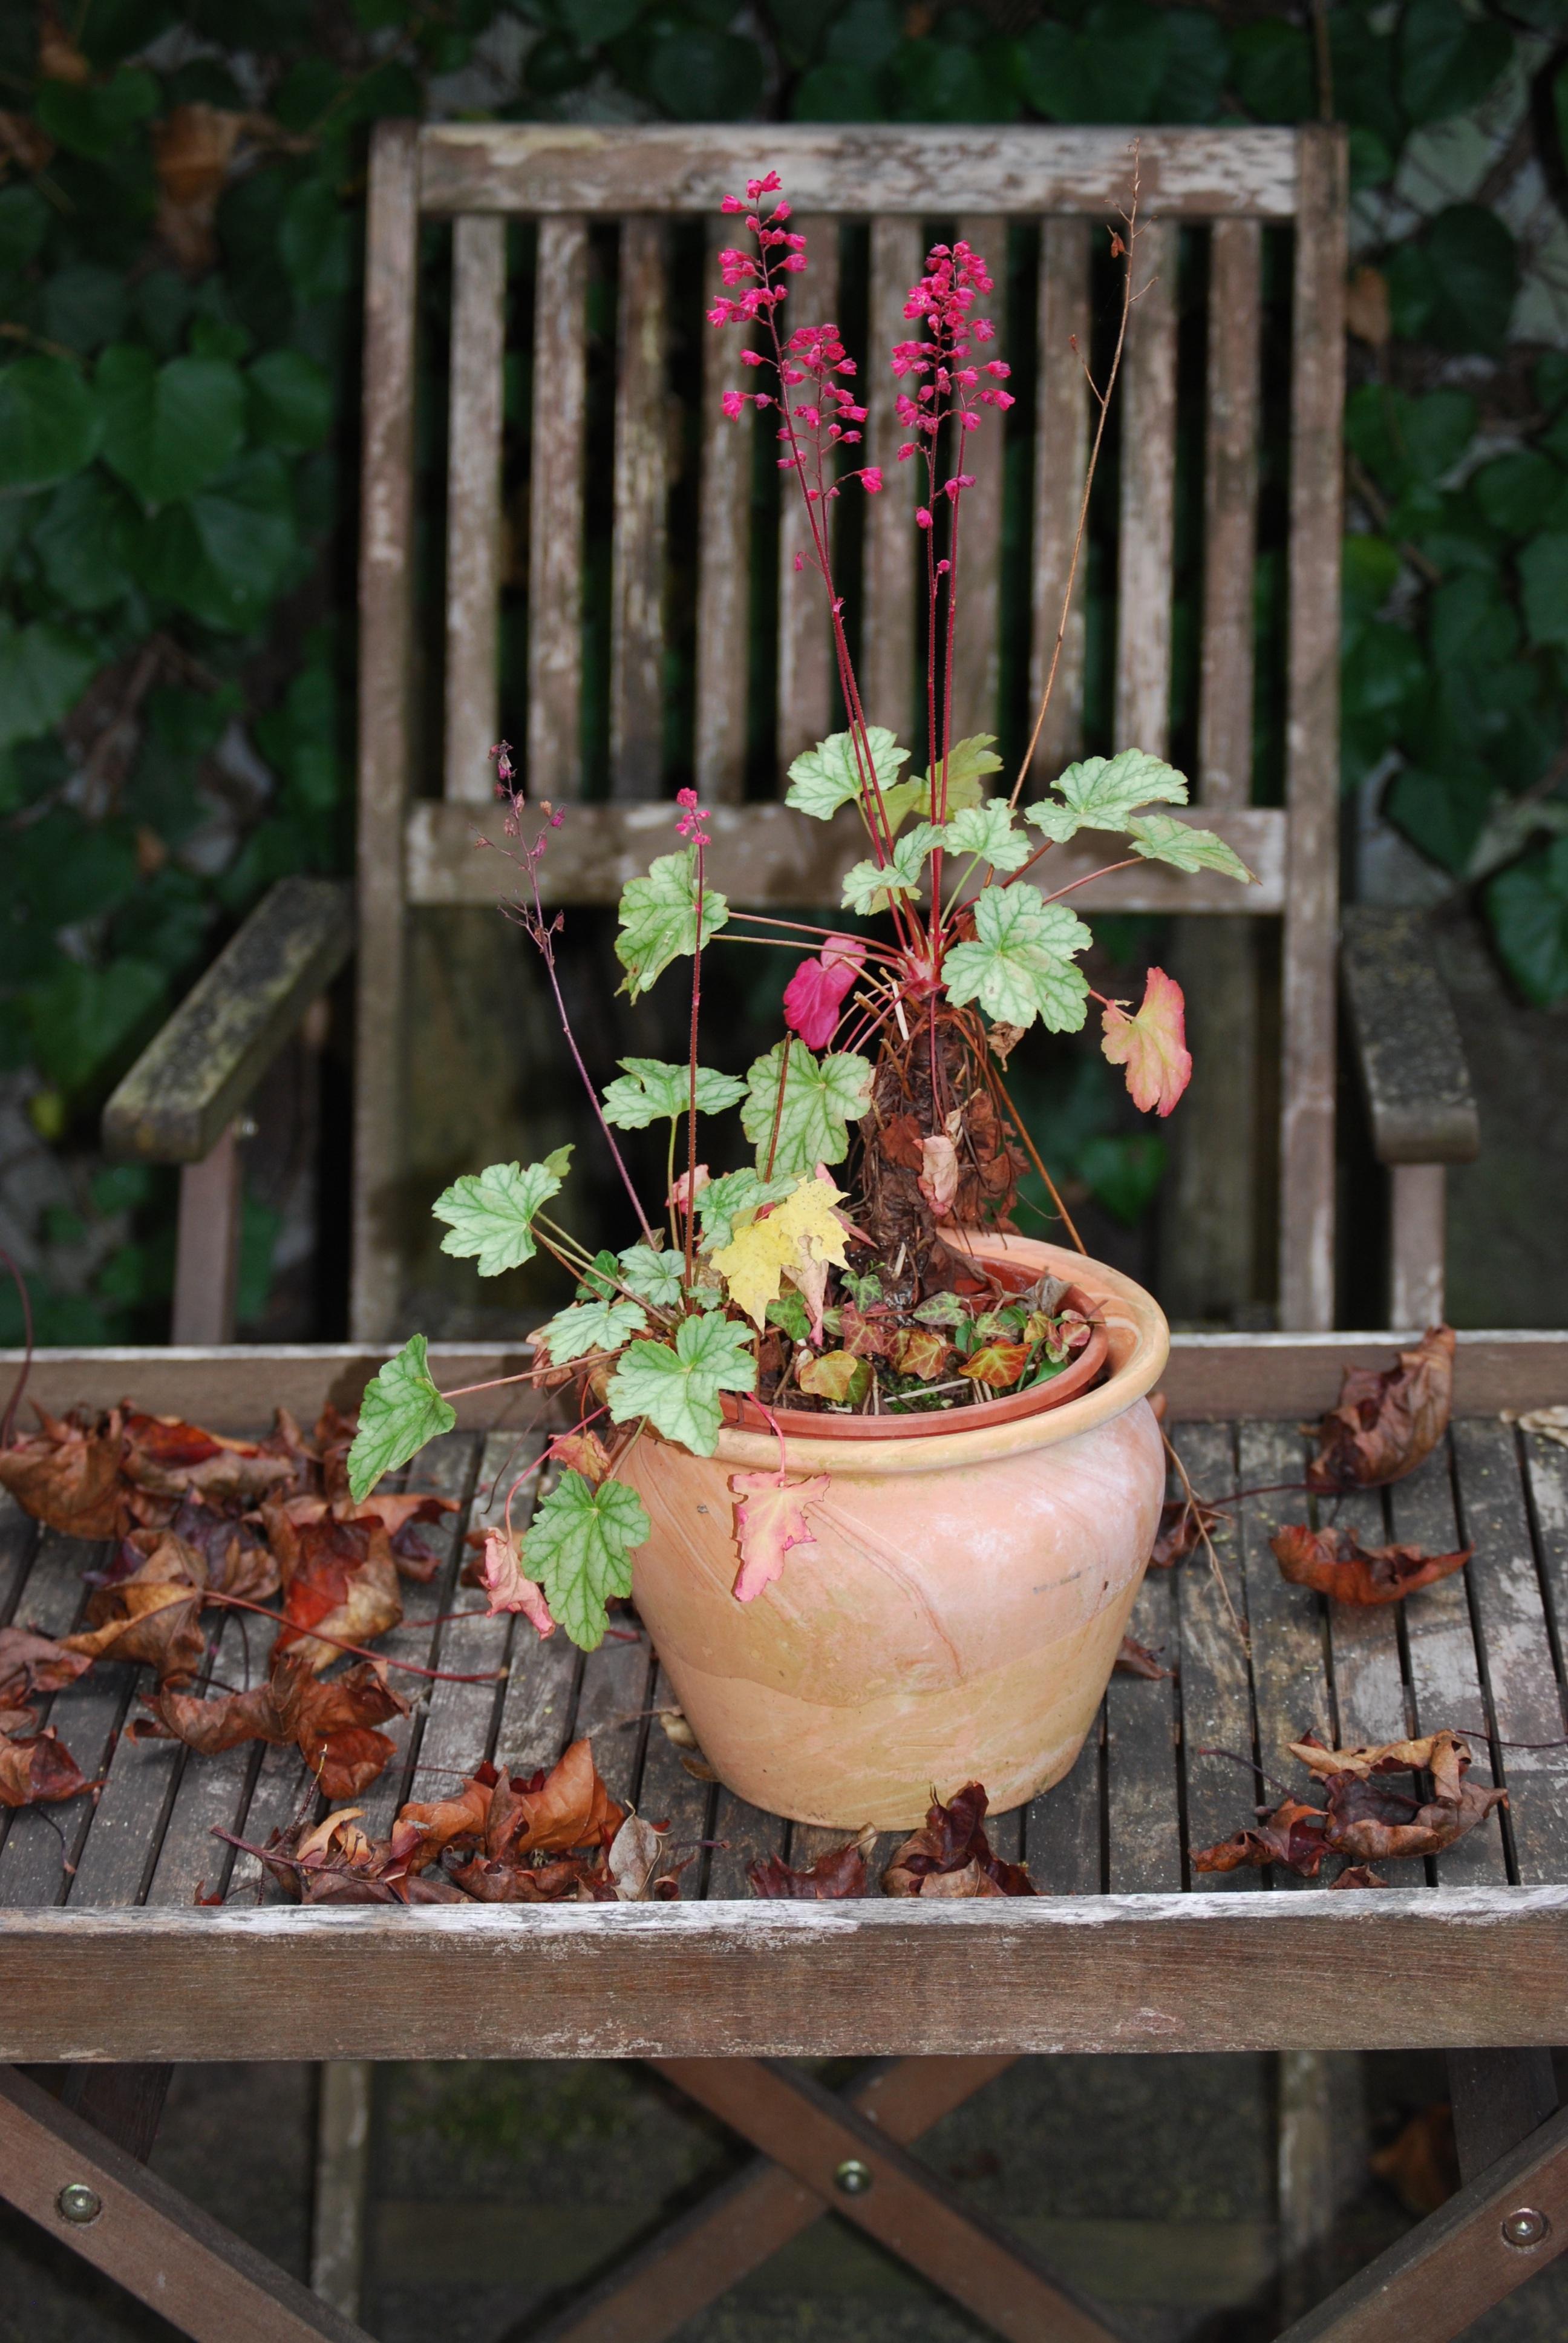 menanam jatuh bunga pot taman halaman belakang botani taman masih hidup tanaman bunga bunga